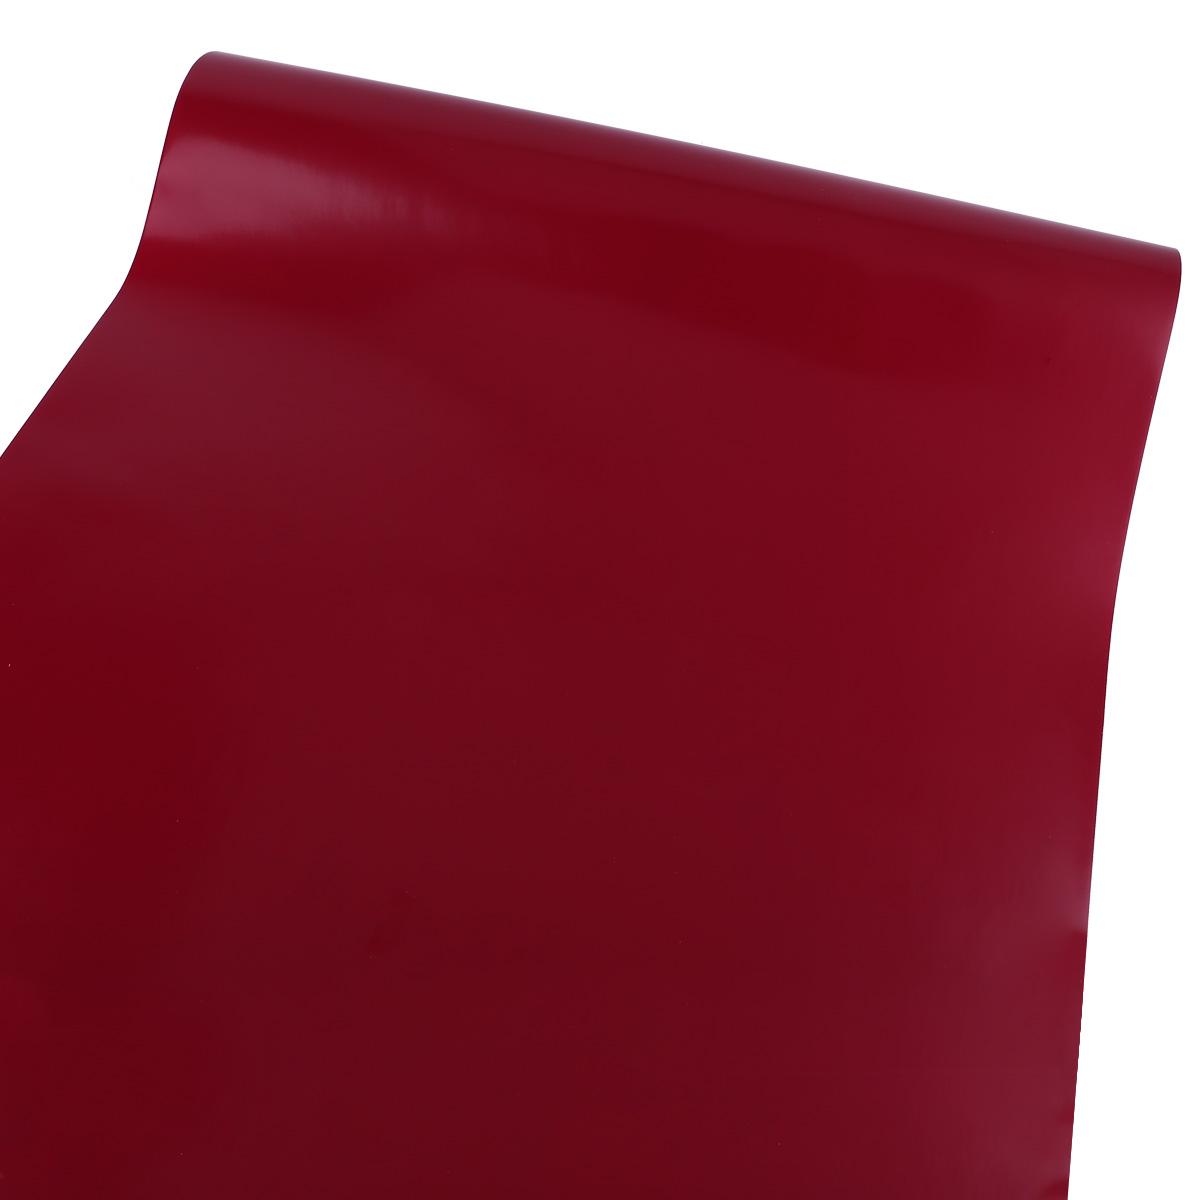 Papel pintado liso colores impermeable 61cm del ancho - Papel pintado aislante termico ...